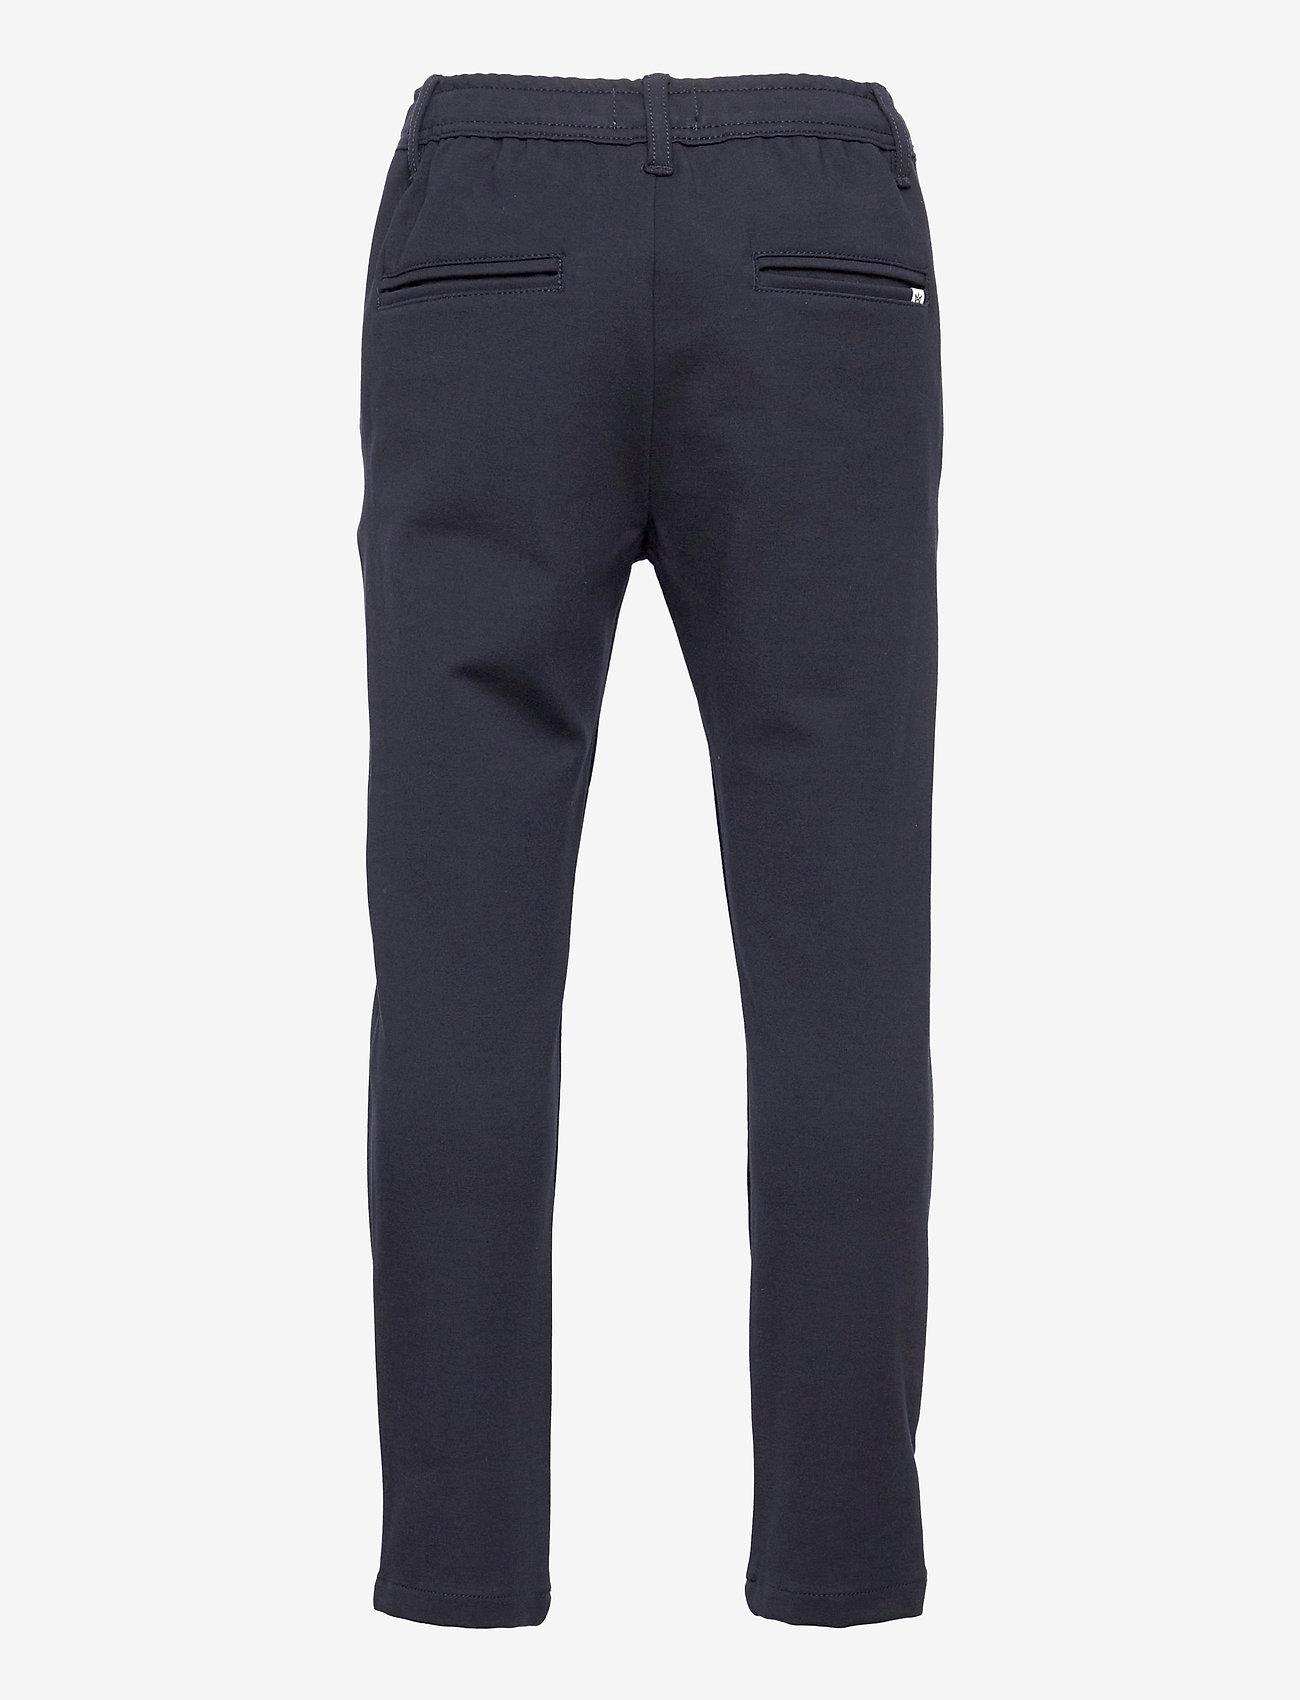 Kronstadt - Club pants - trousers - navy - 1